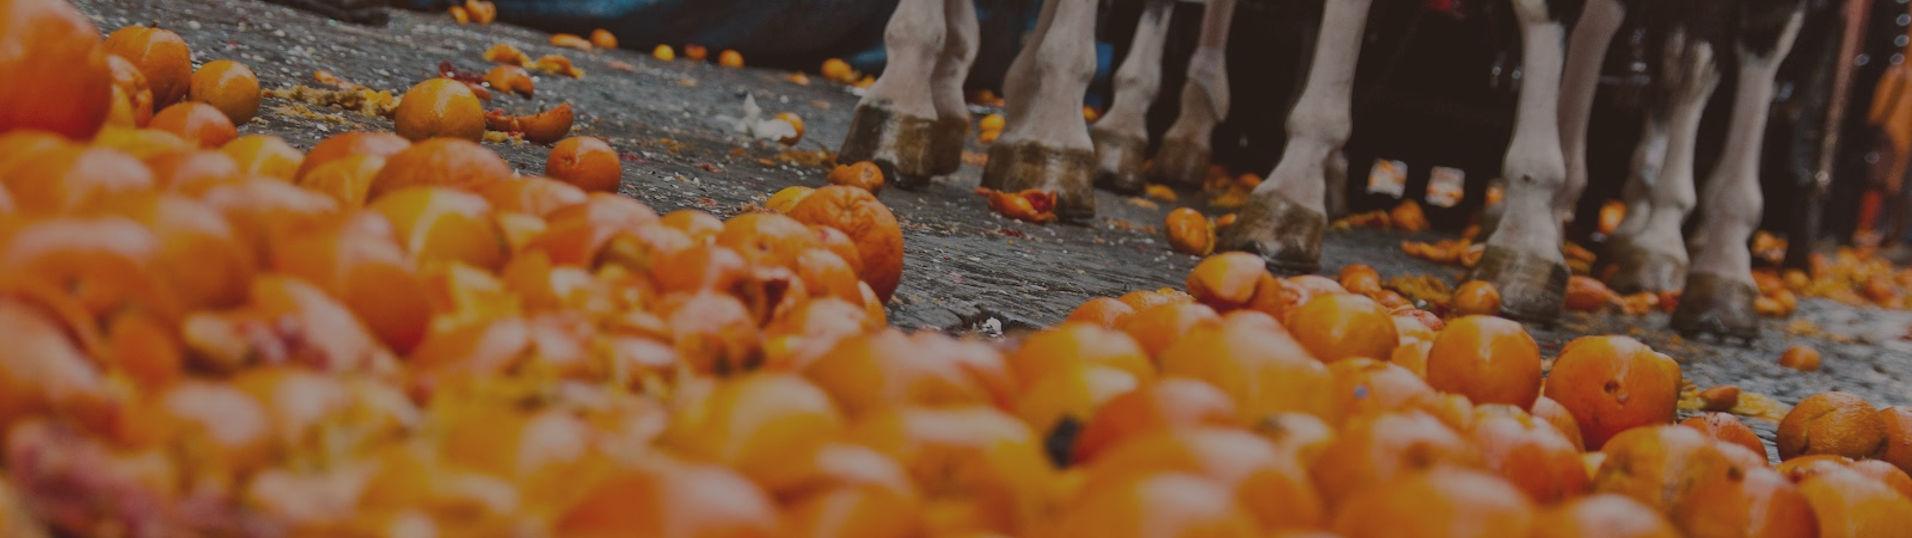 Storico Carnevale di Ivrea - b&b l'aBBaino